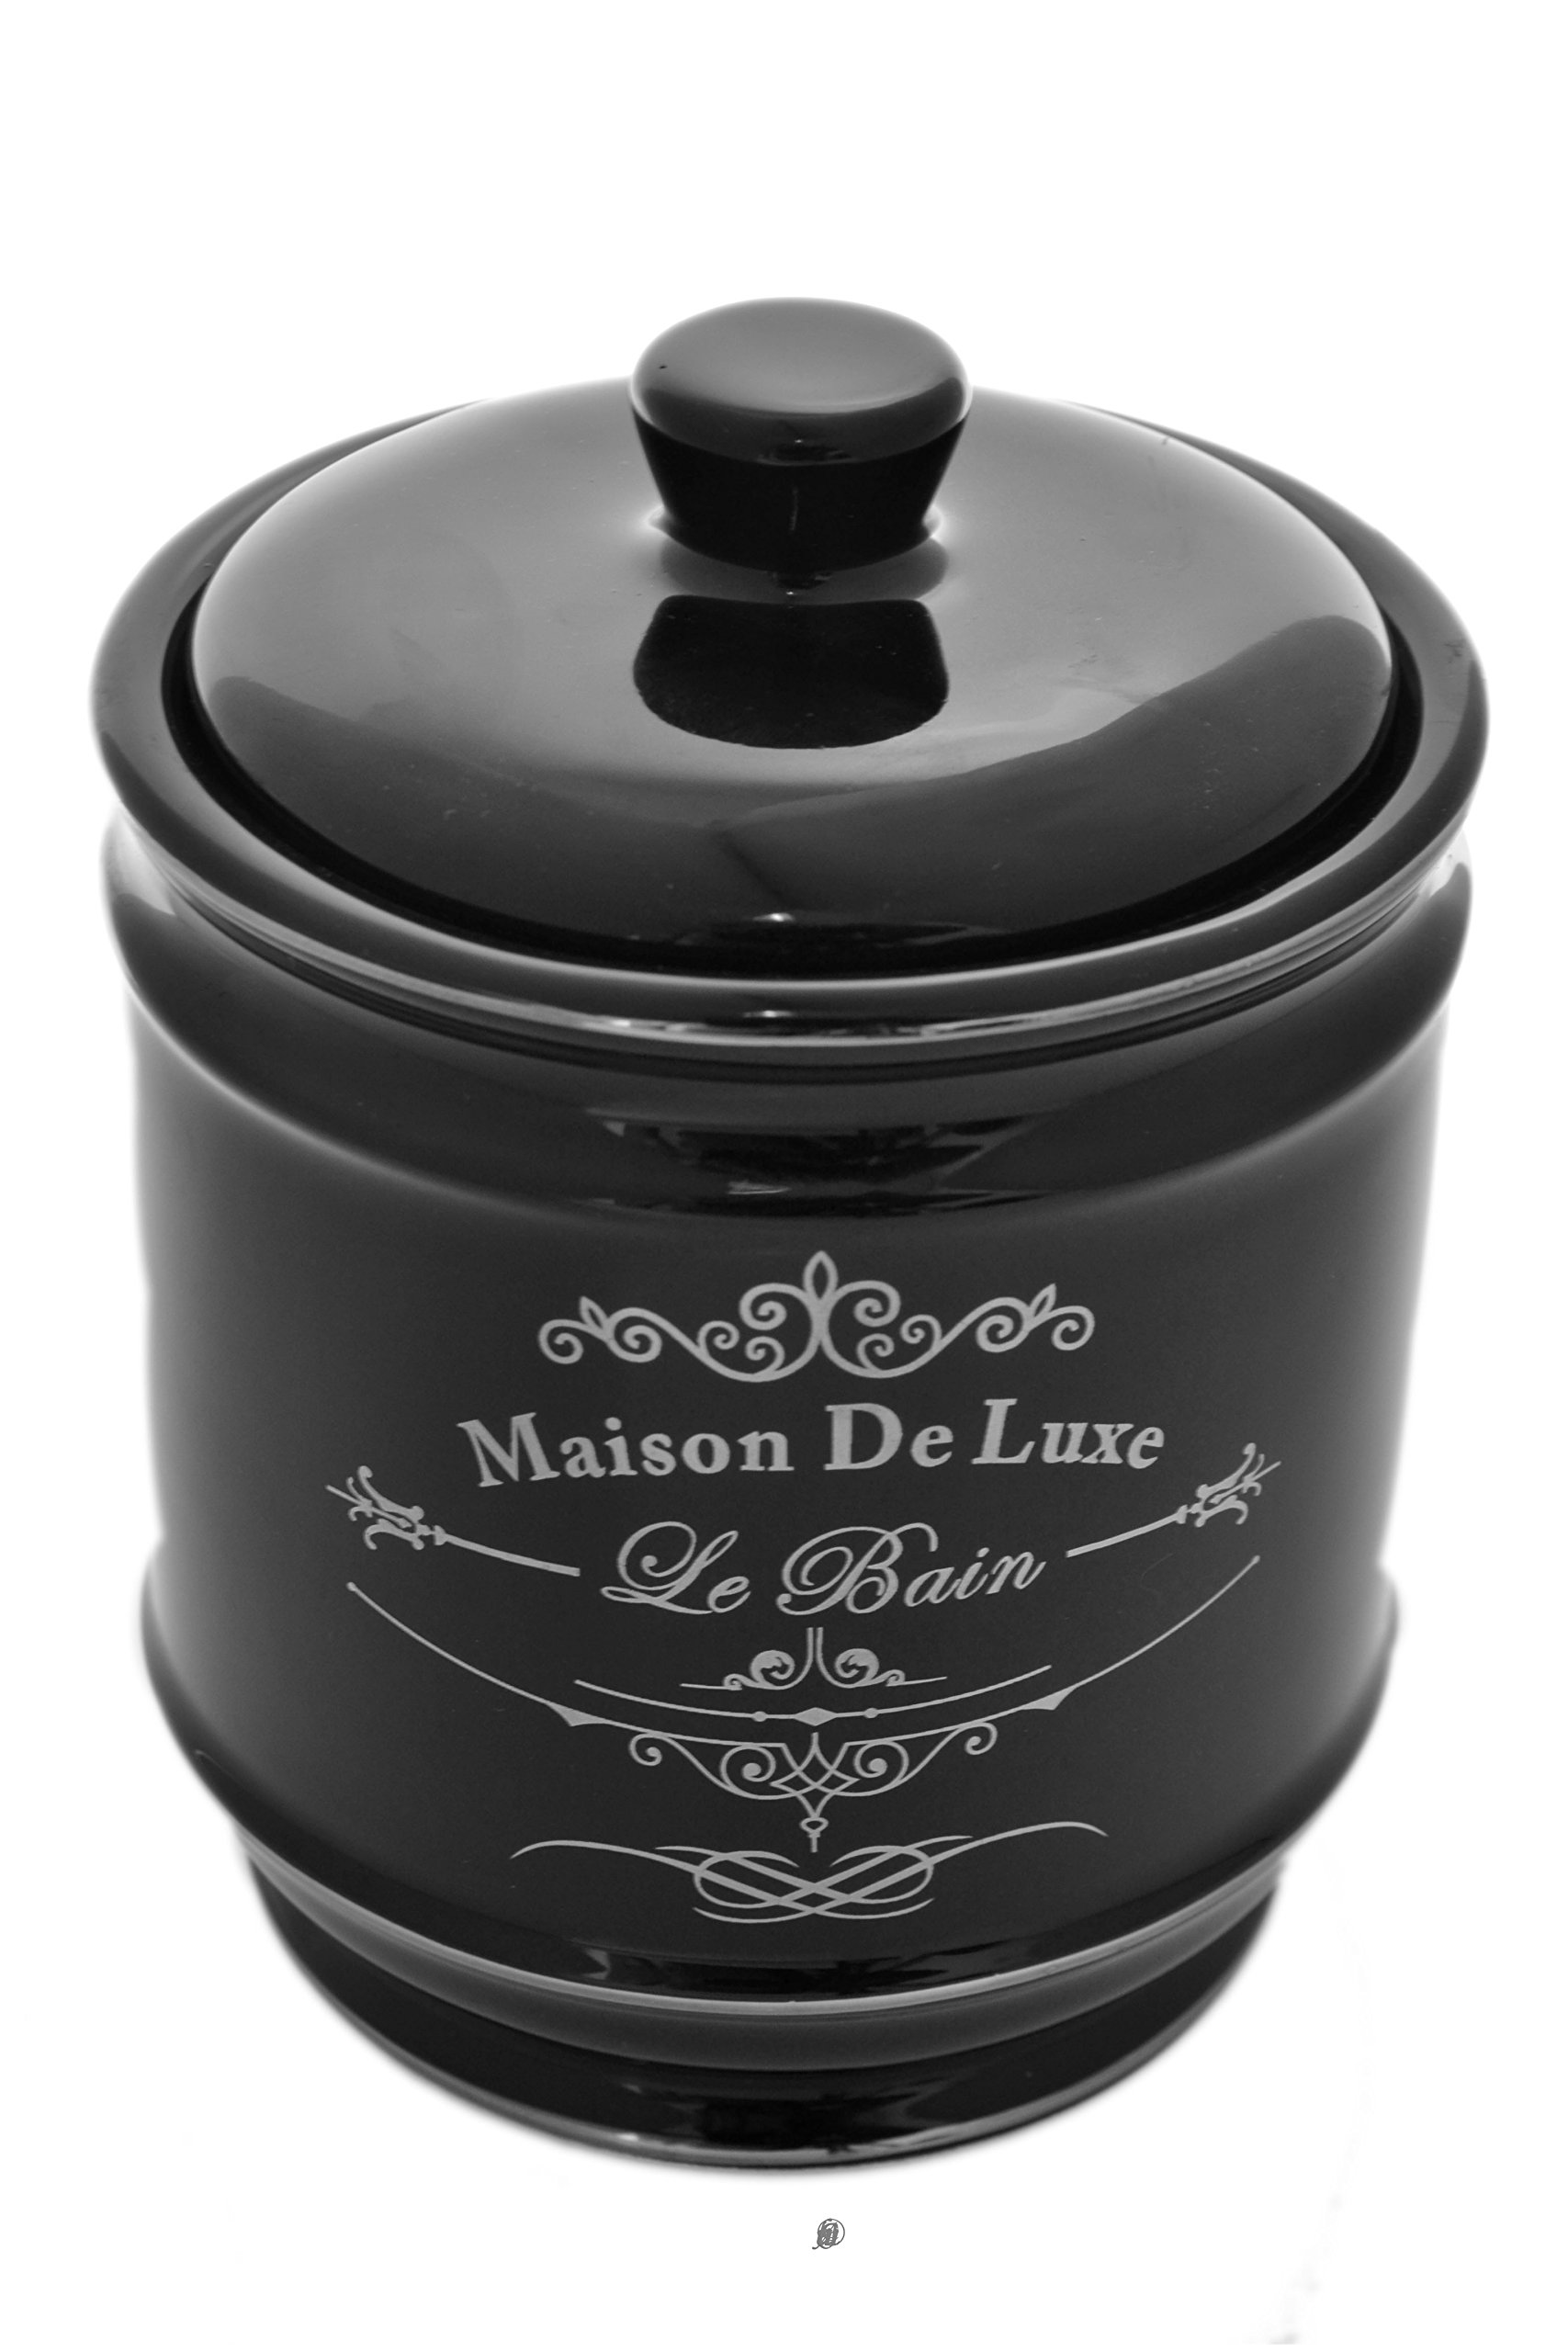 American Chateau Black Silver French Paris Maison de Luxe Le Bain Bathroom Cotton Dish Urn Jar